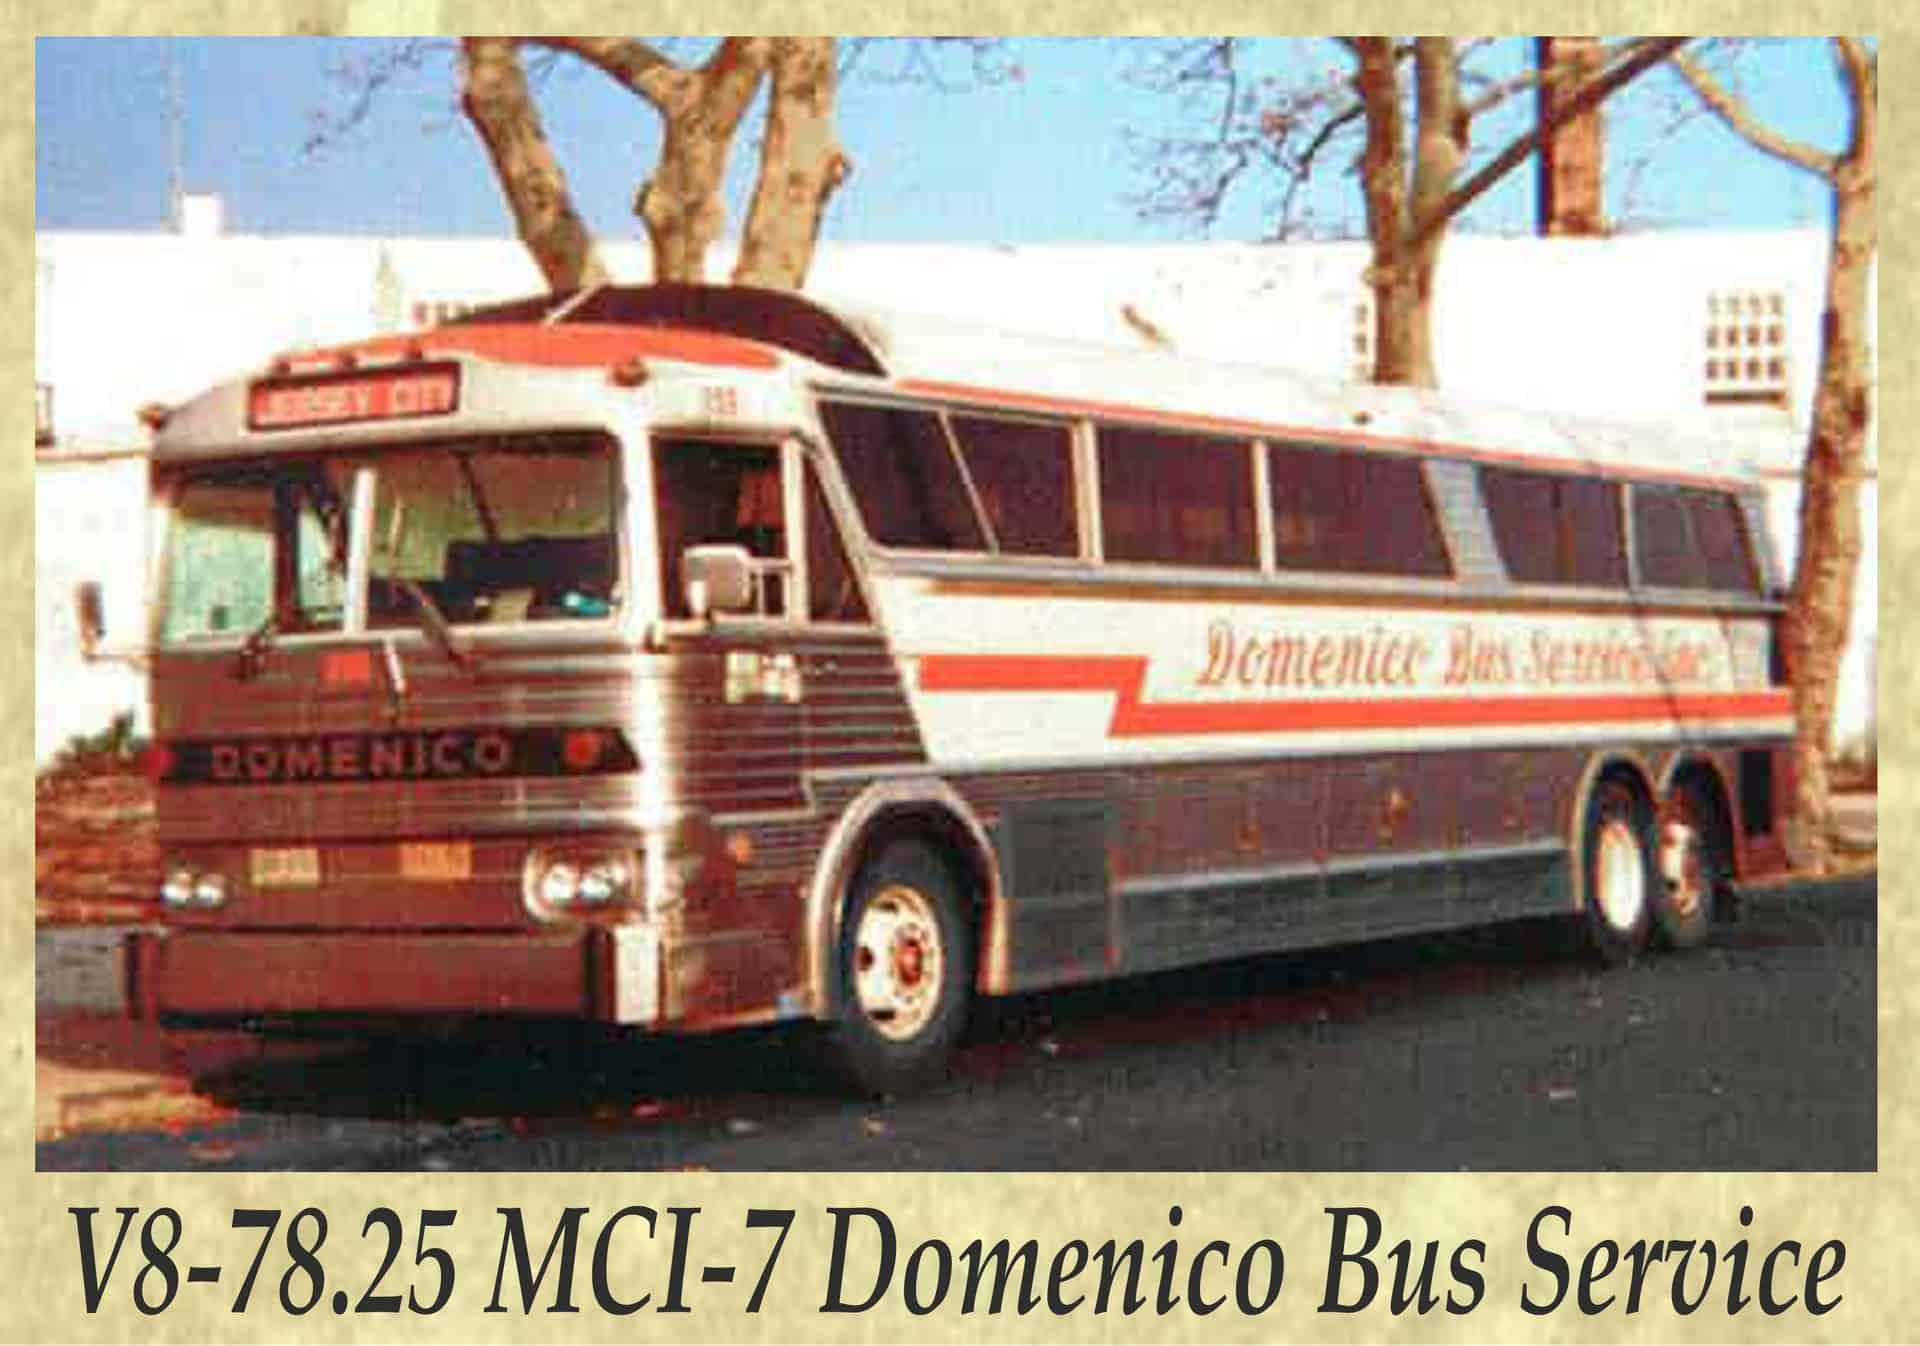 V8-78.25 MCI-7 Domenico Bus Service